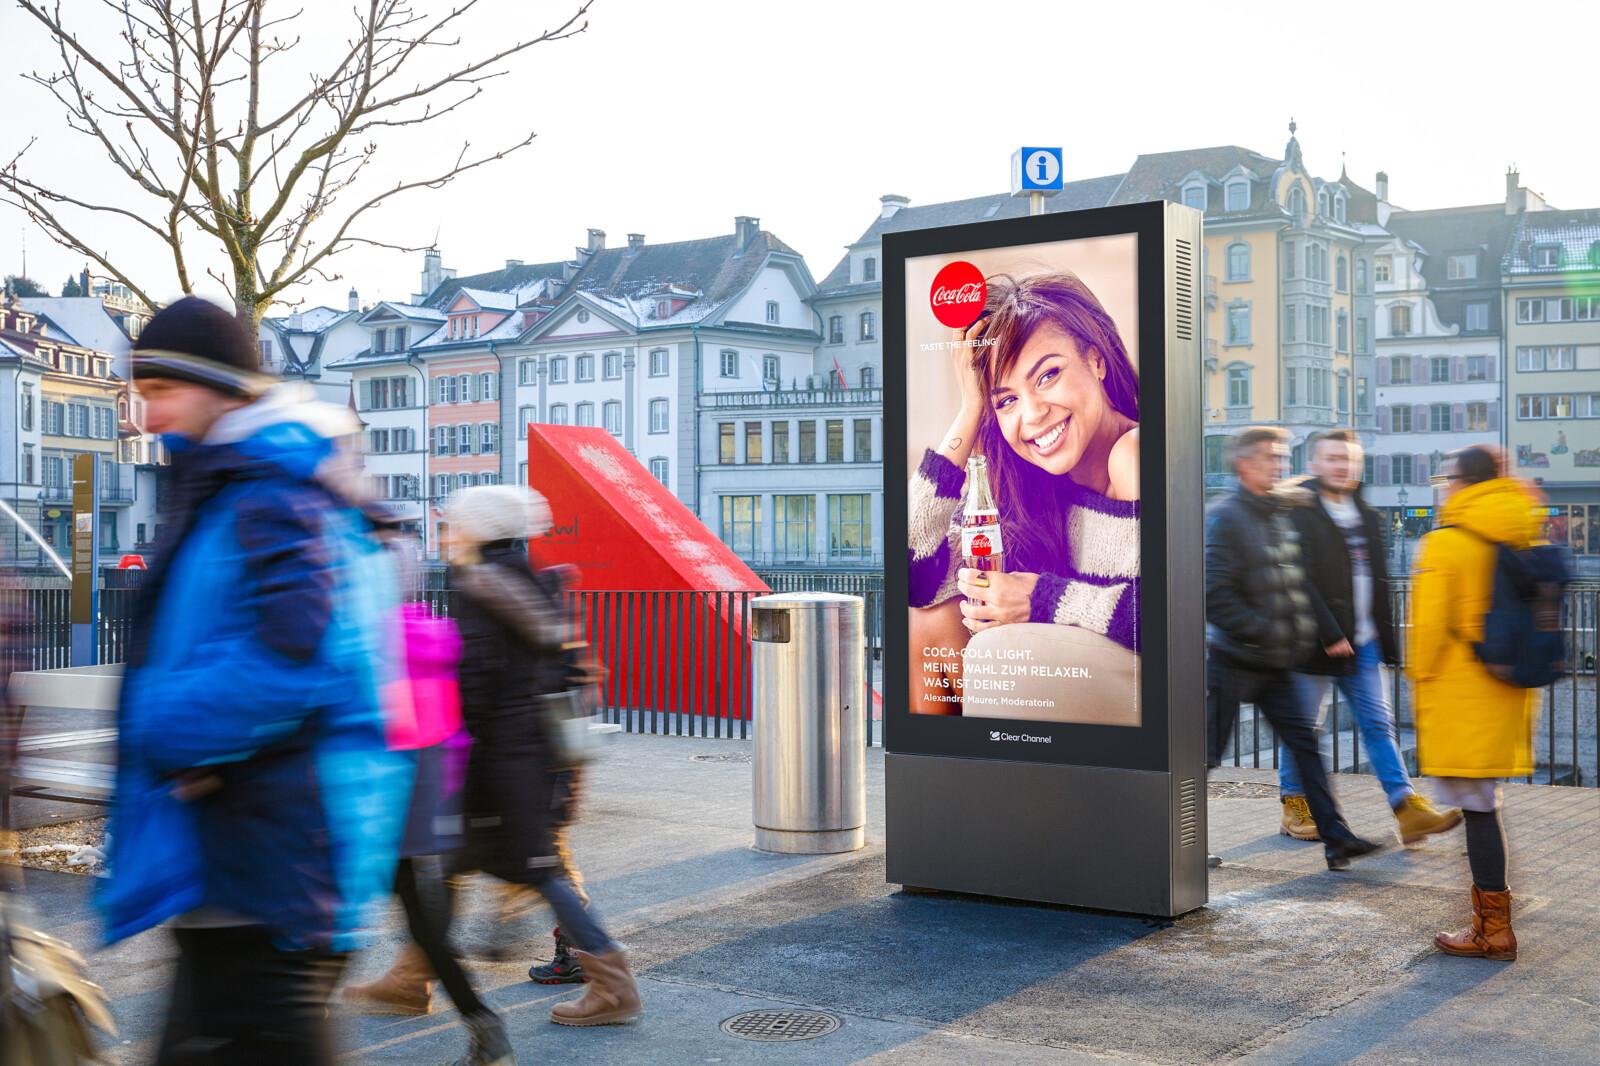 Digitales Plakat, Screen am Mühlenplatz in Luzern. Mit Stadtplan - Citymap - Luzern. Buchbar bei Clear Channel.